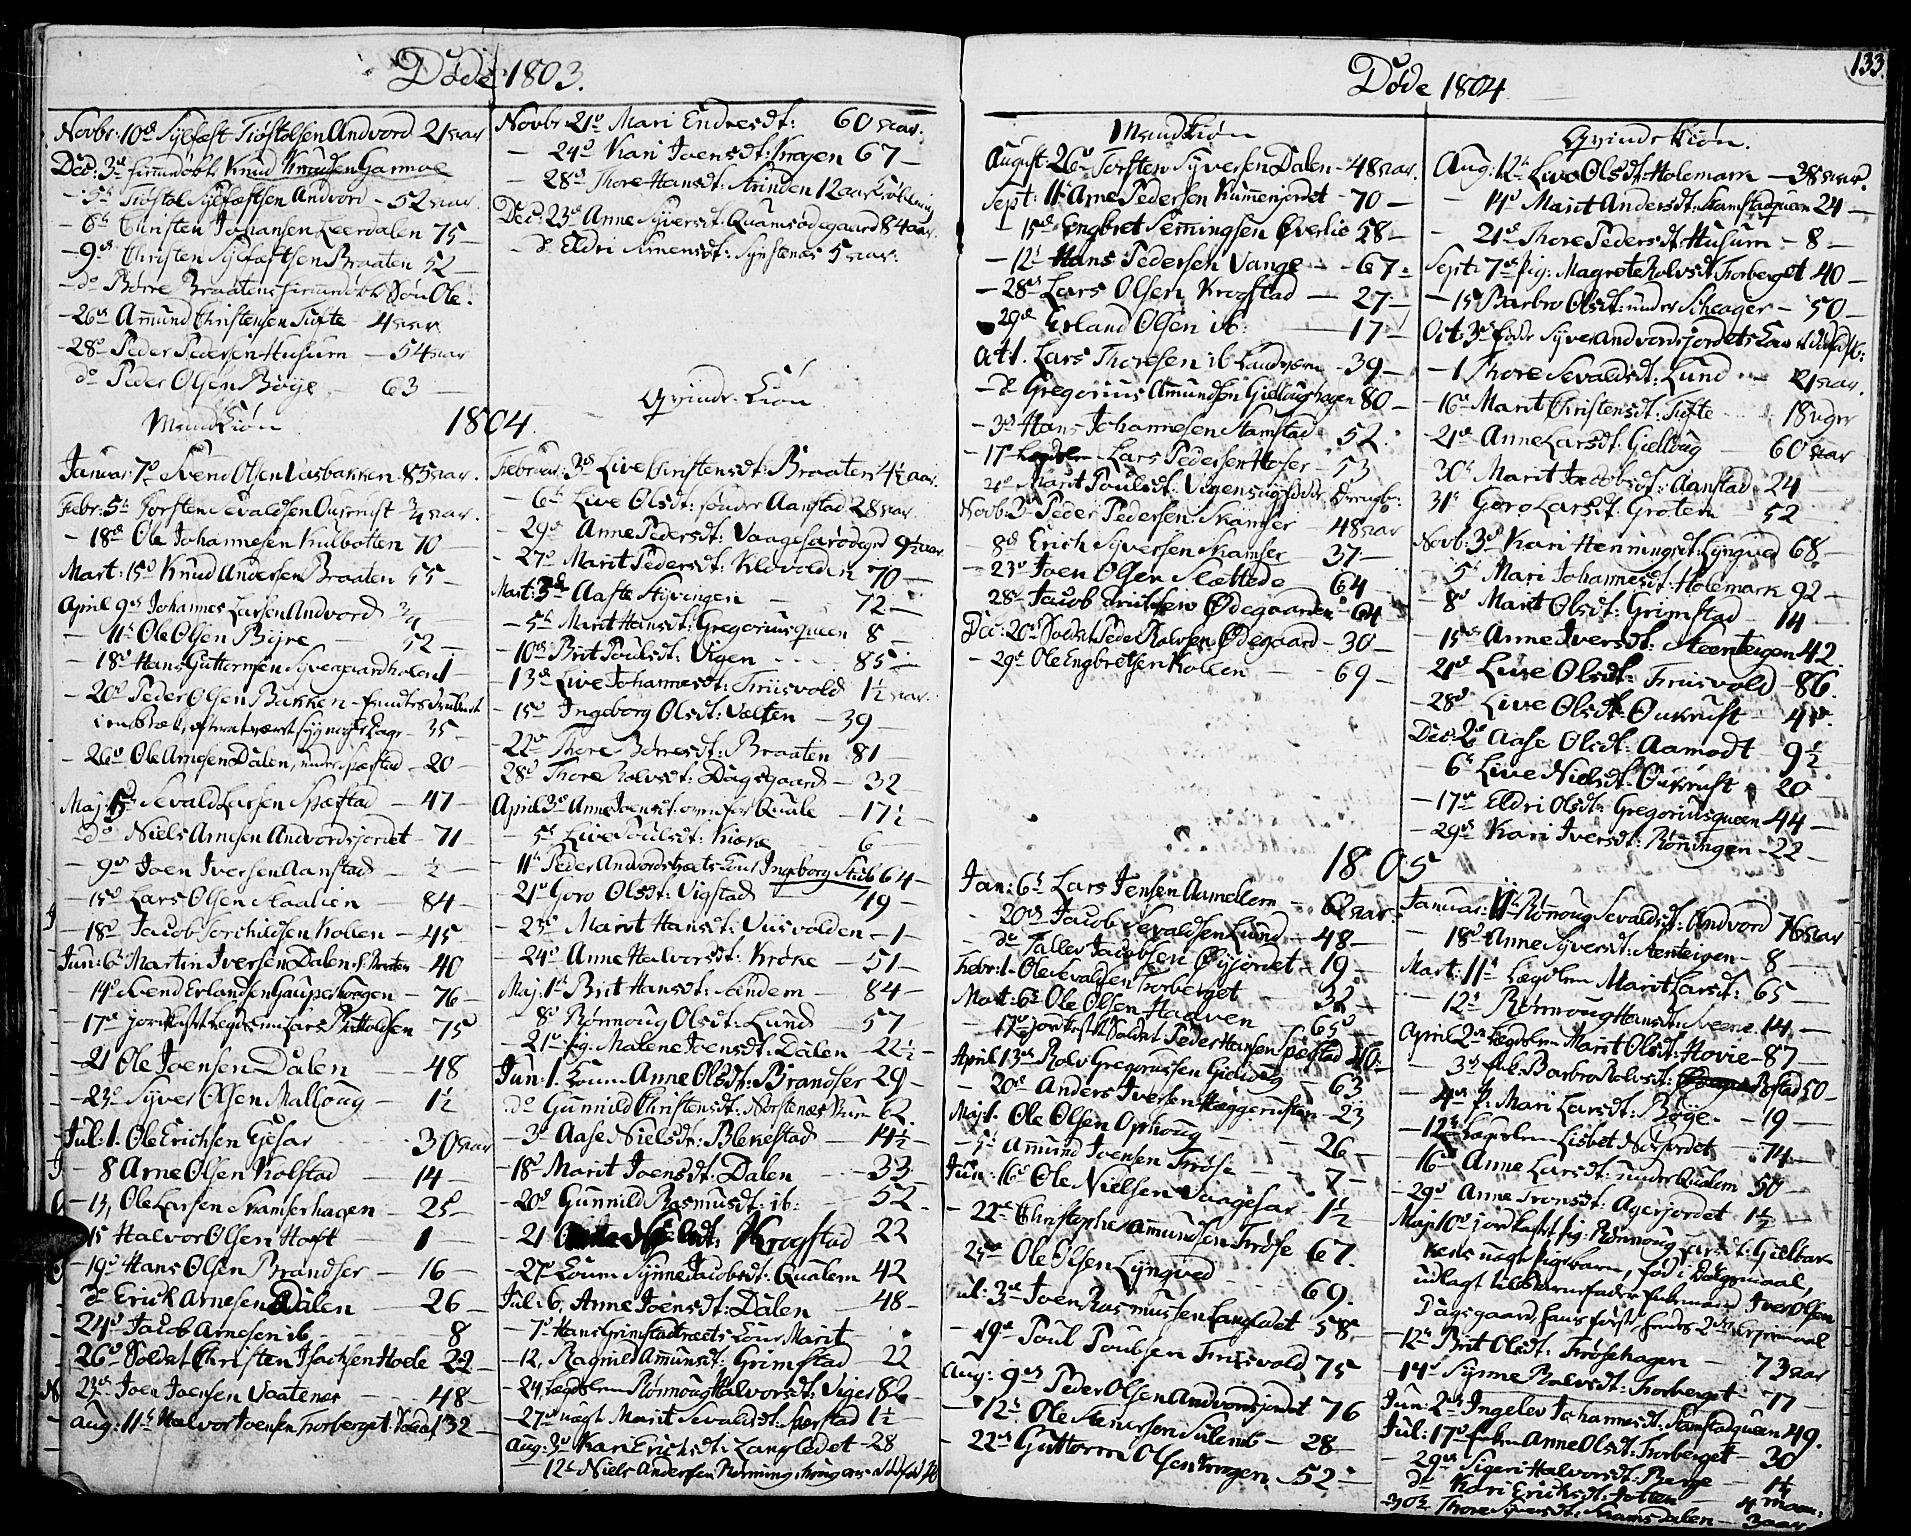 SAH, Lom prestekontor, K/L0003: Ministerialbok nr. 3, 1801-1825, s. 133